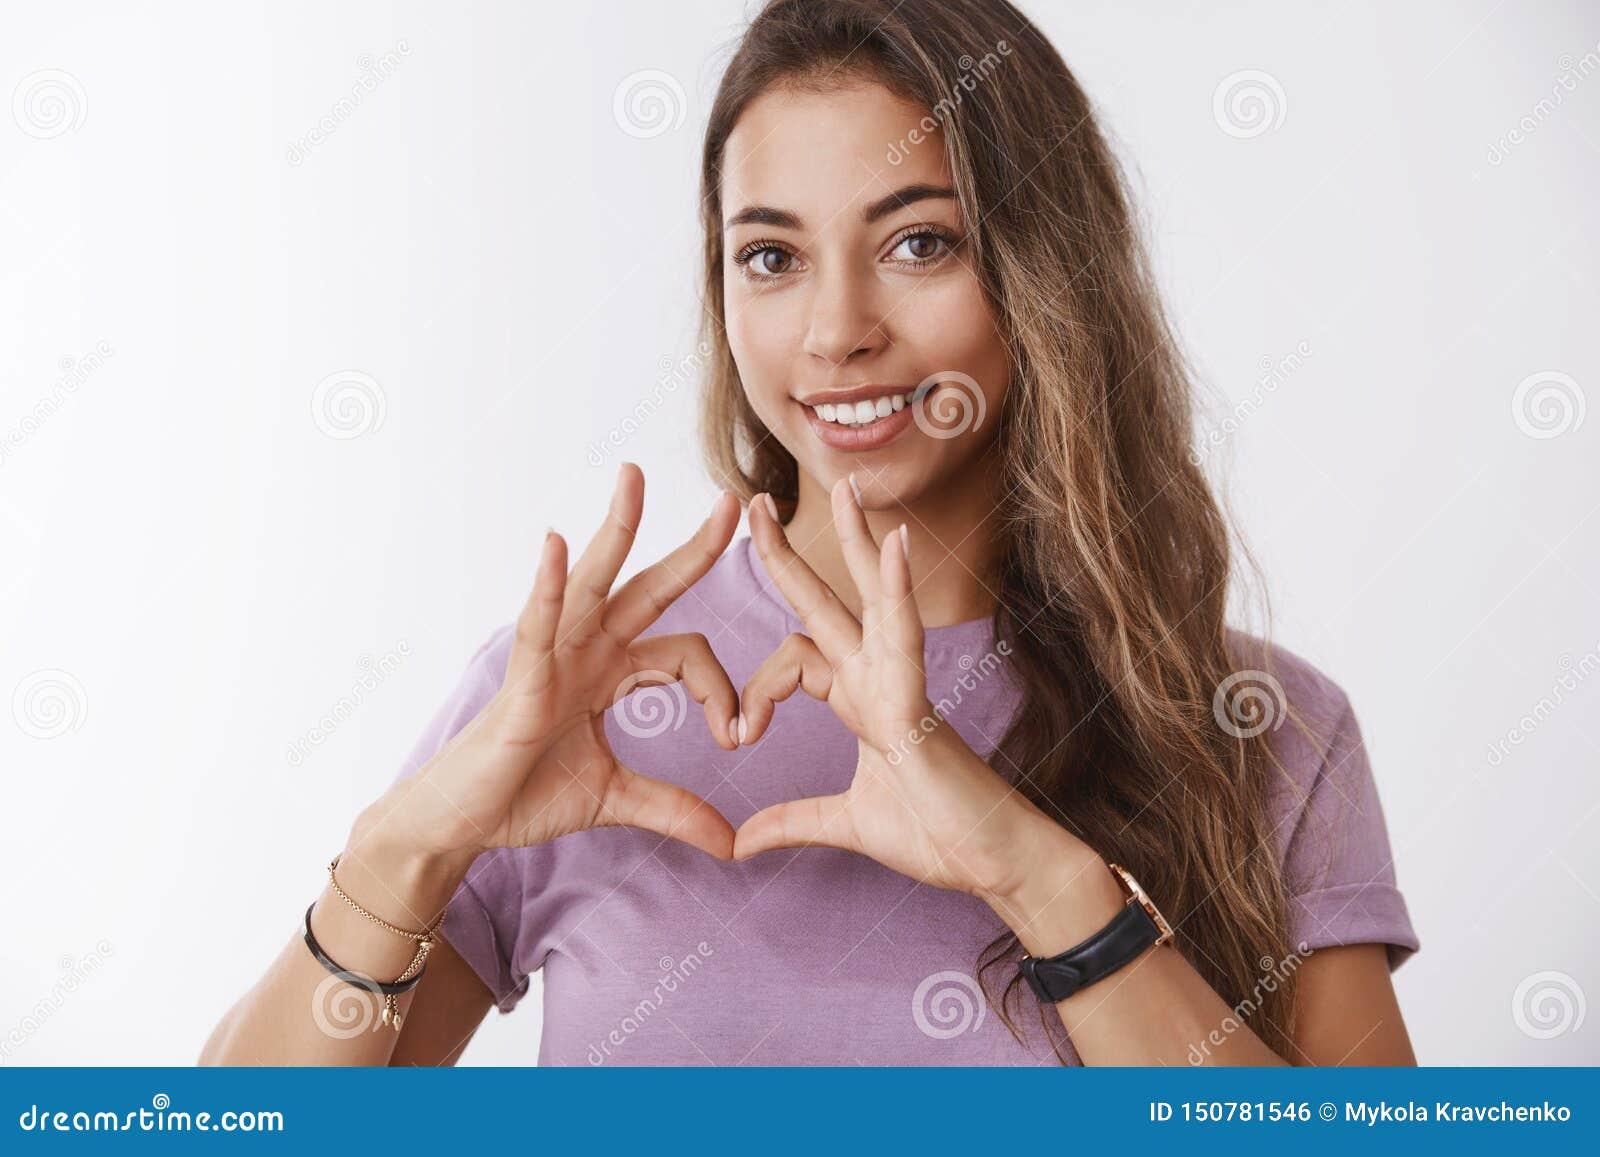 Κορίτσι που ψάχνει το κλειδί η καρδιά σας Η ελκυστική θηλυκή προσφορά μαύρισε την ευρωπαϊκή σγουρή τρίχα γυναικών, που παρουσιάζε